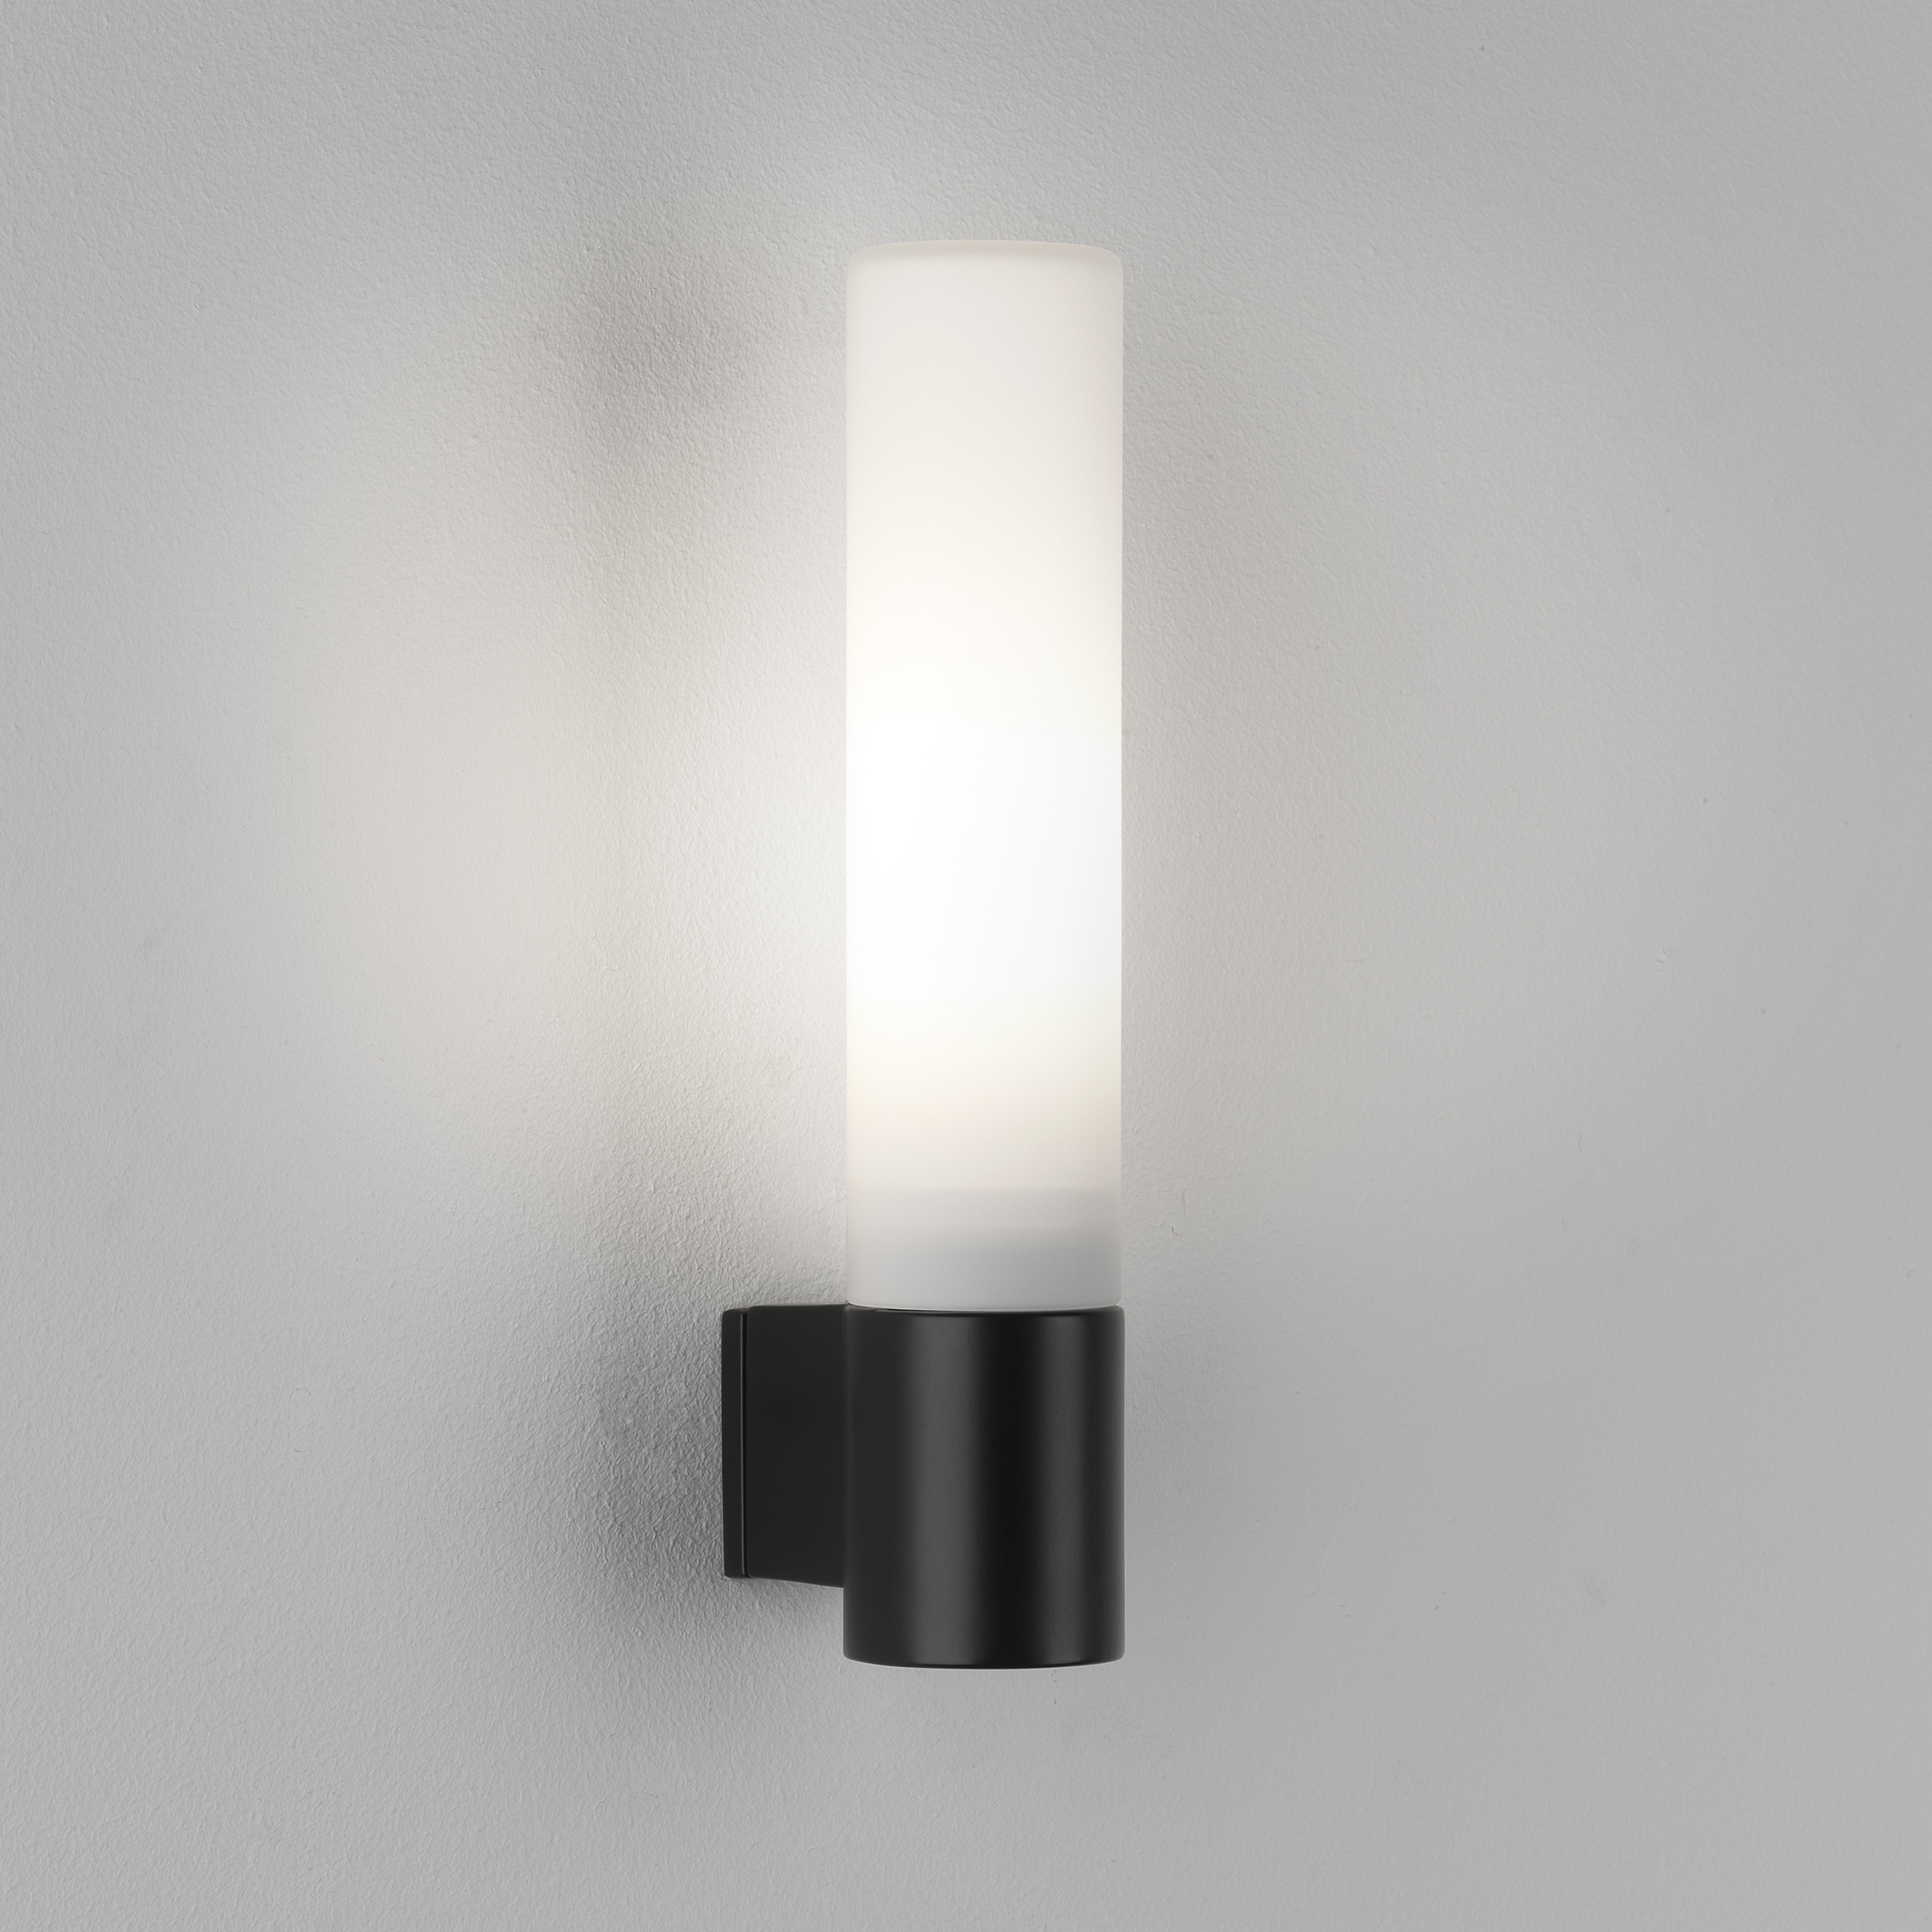 Настенный светильник Astro Bari 1047006 (8037), IP44, 1xG9x40W, черный, белый, металл, стекло - фото 1